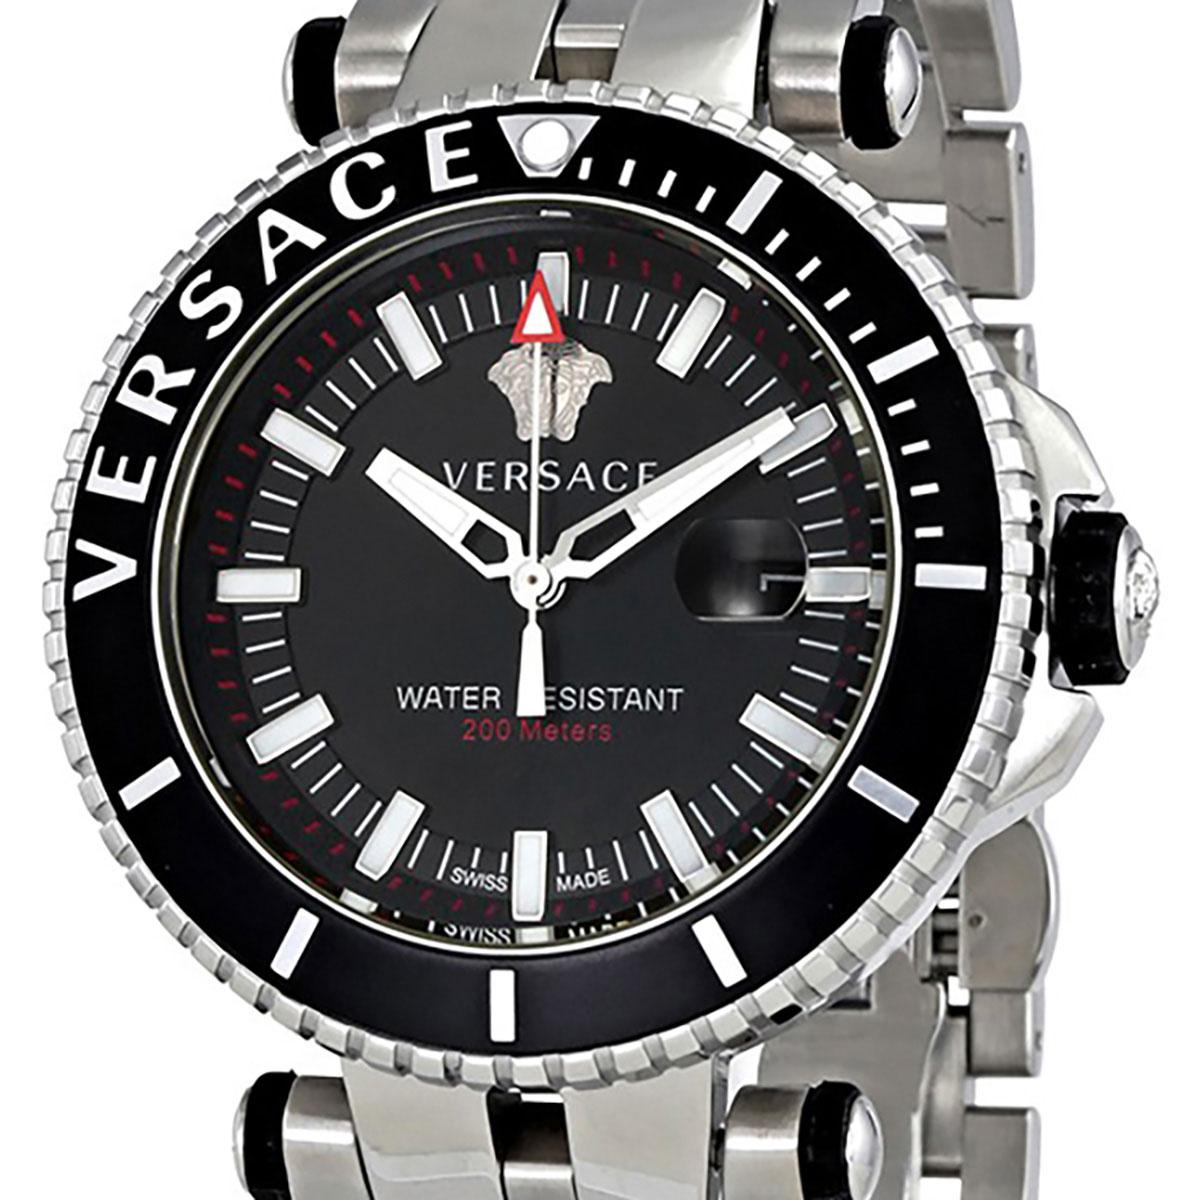 【残り1点】Versace 【残り1点】Versace 【残り1点】Versace ヴェルサーチ 電池式クォーツ 腕時計 [VAK030016] 並行輸入品  デイト カレンダー 逆回転防止ベゼル ダイバーズ 7d0